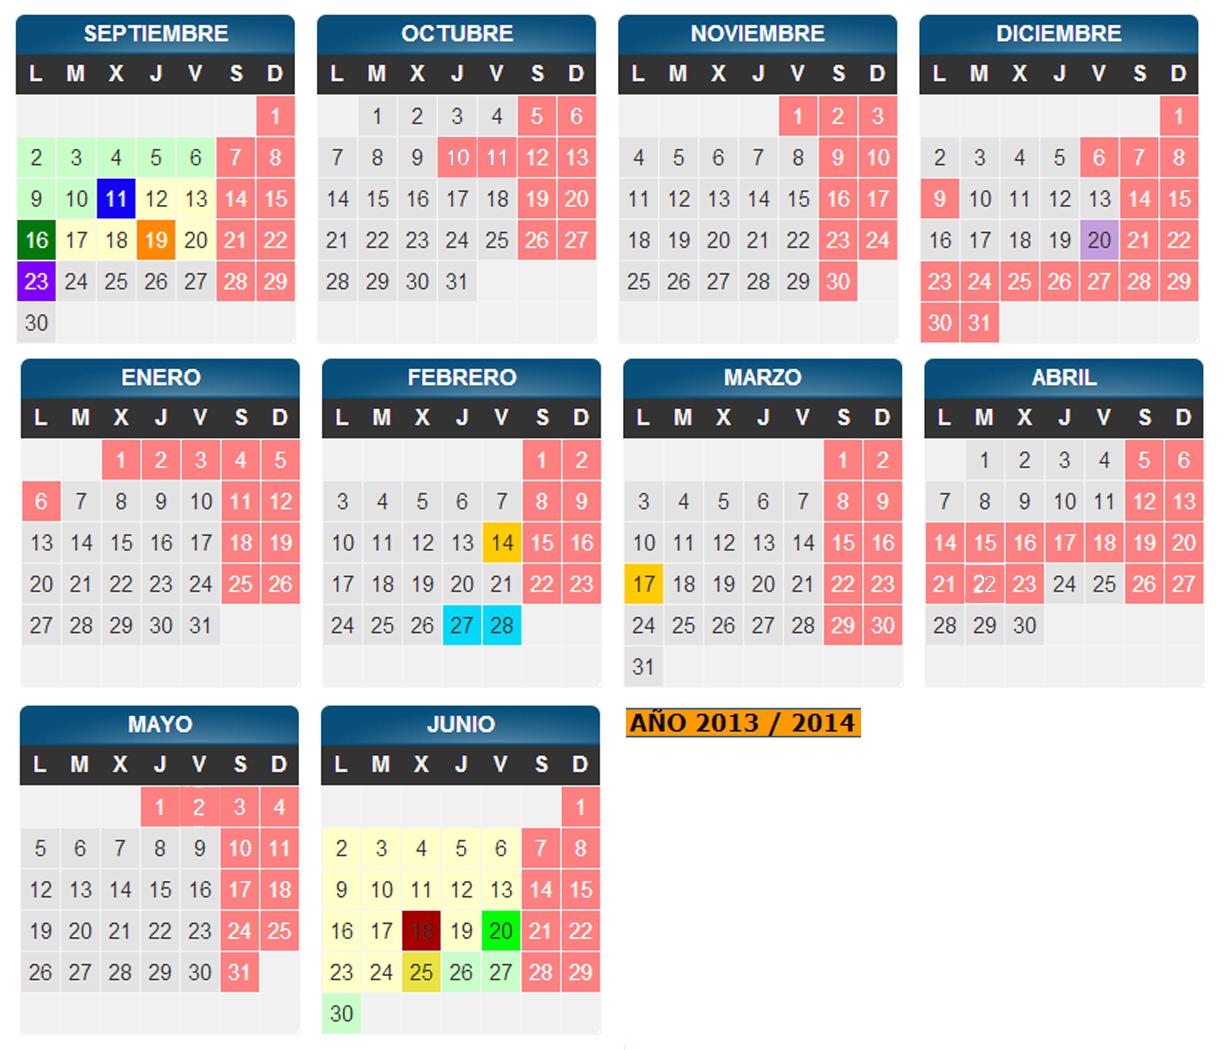 Aragon Calendario Escolar.Profesor De Eso Calendario Escolar Zaragoza 2013 2014